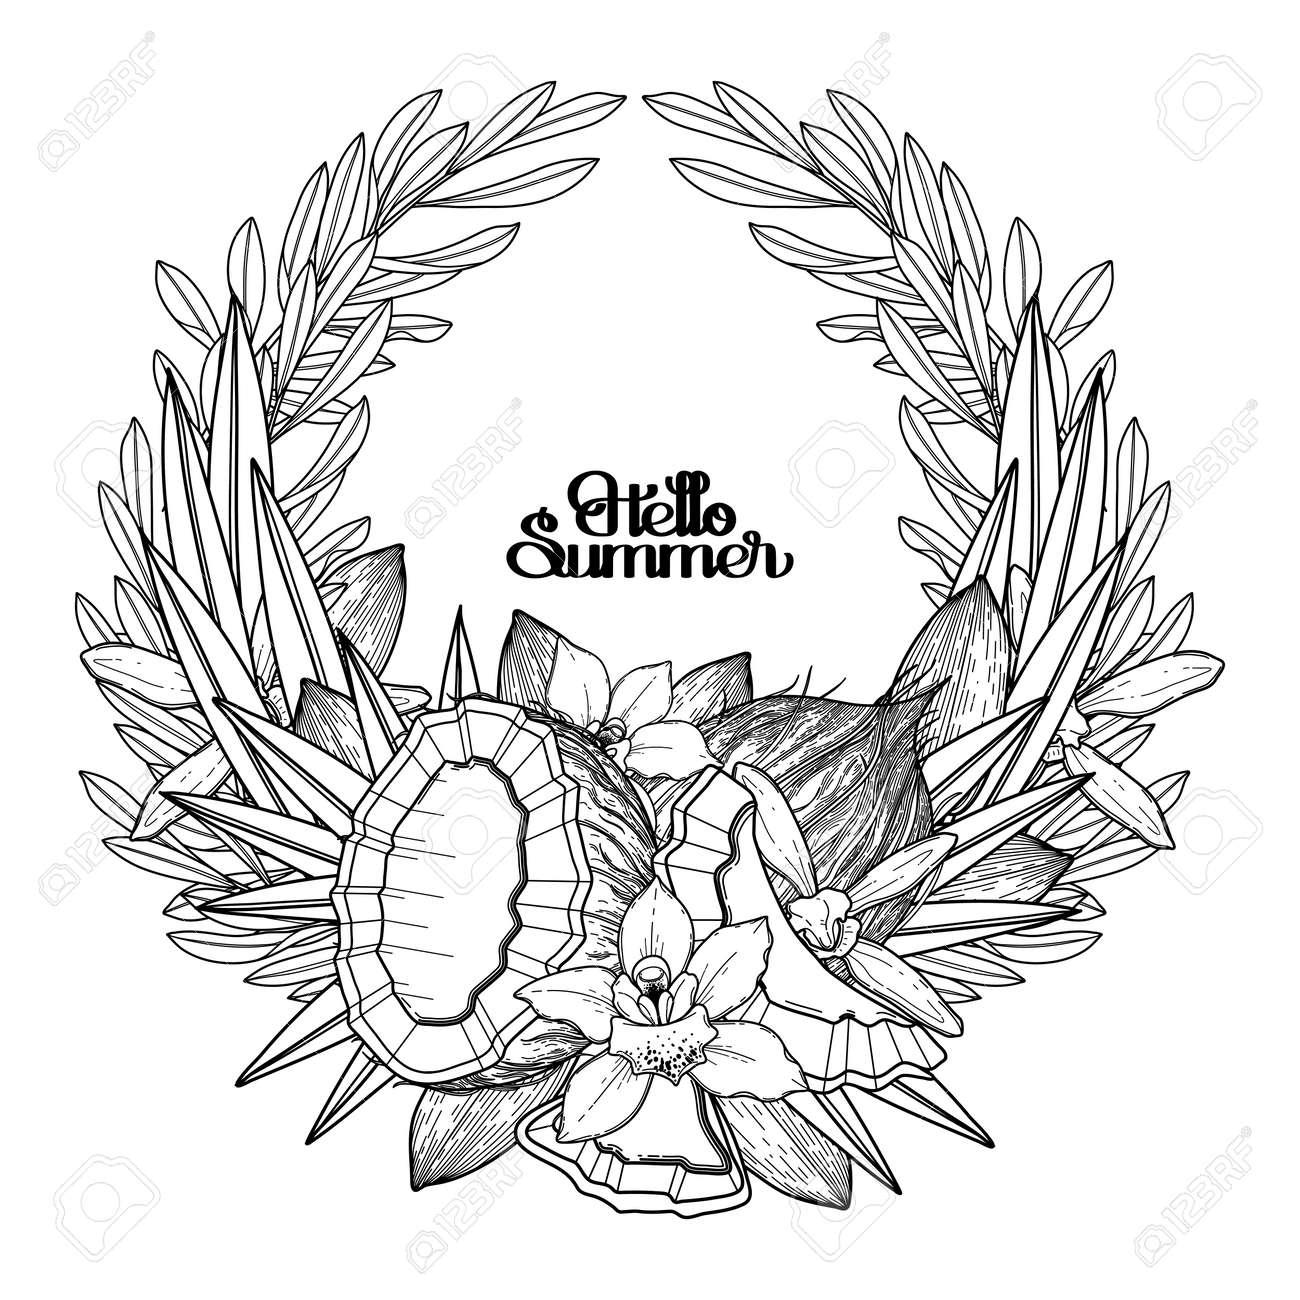 Flores De Vainilla Y Coco Gráficos Corona De Flores Vector Decoraciones Naturales Aislados Sobre Fondo Blanco Diseño De Páginas De Libro Para